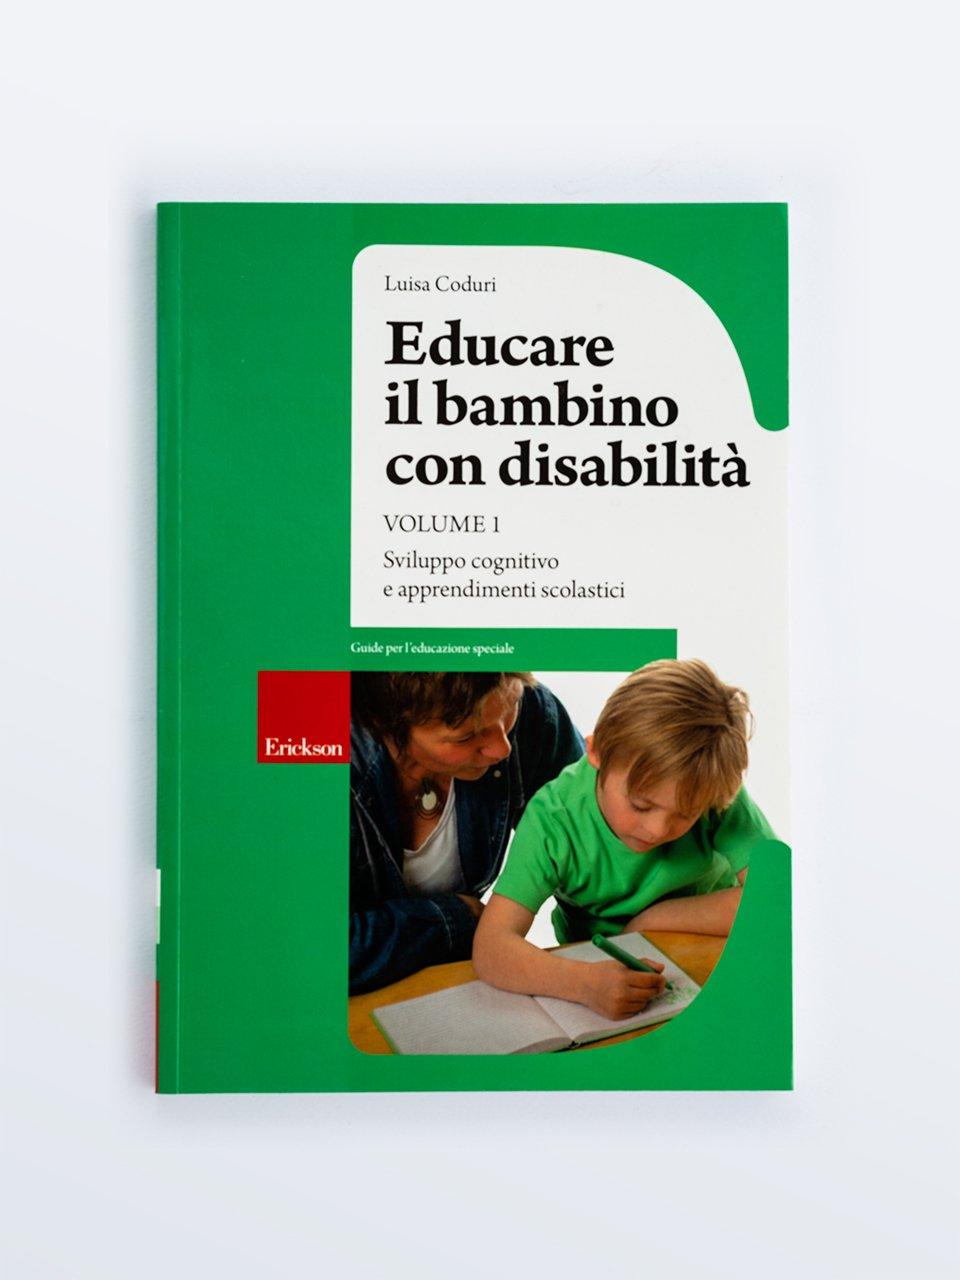 Educare il bambino con disabilità - Volume 1 - Educare il bambino con disabilità - Volume 3 - Libri - Erickson